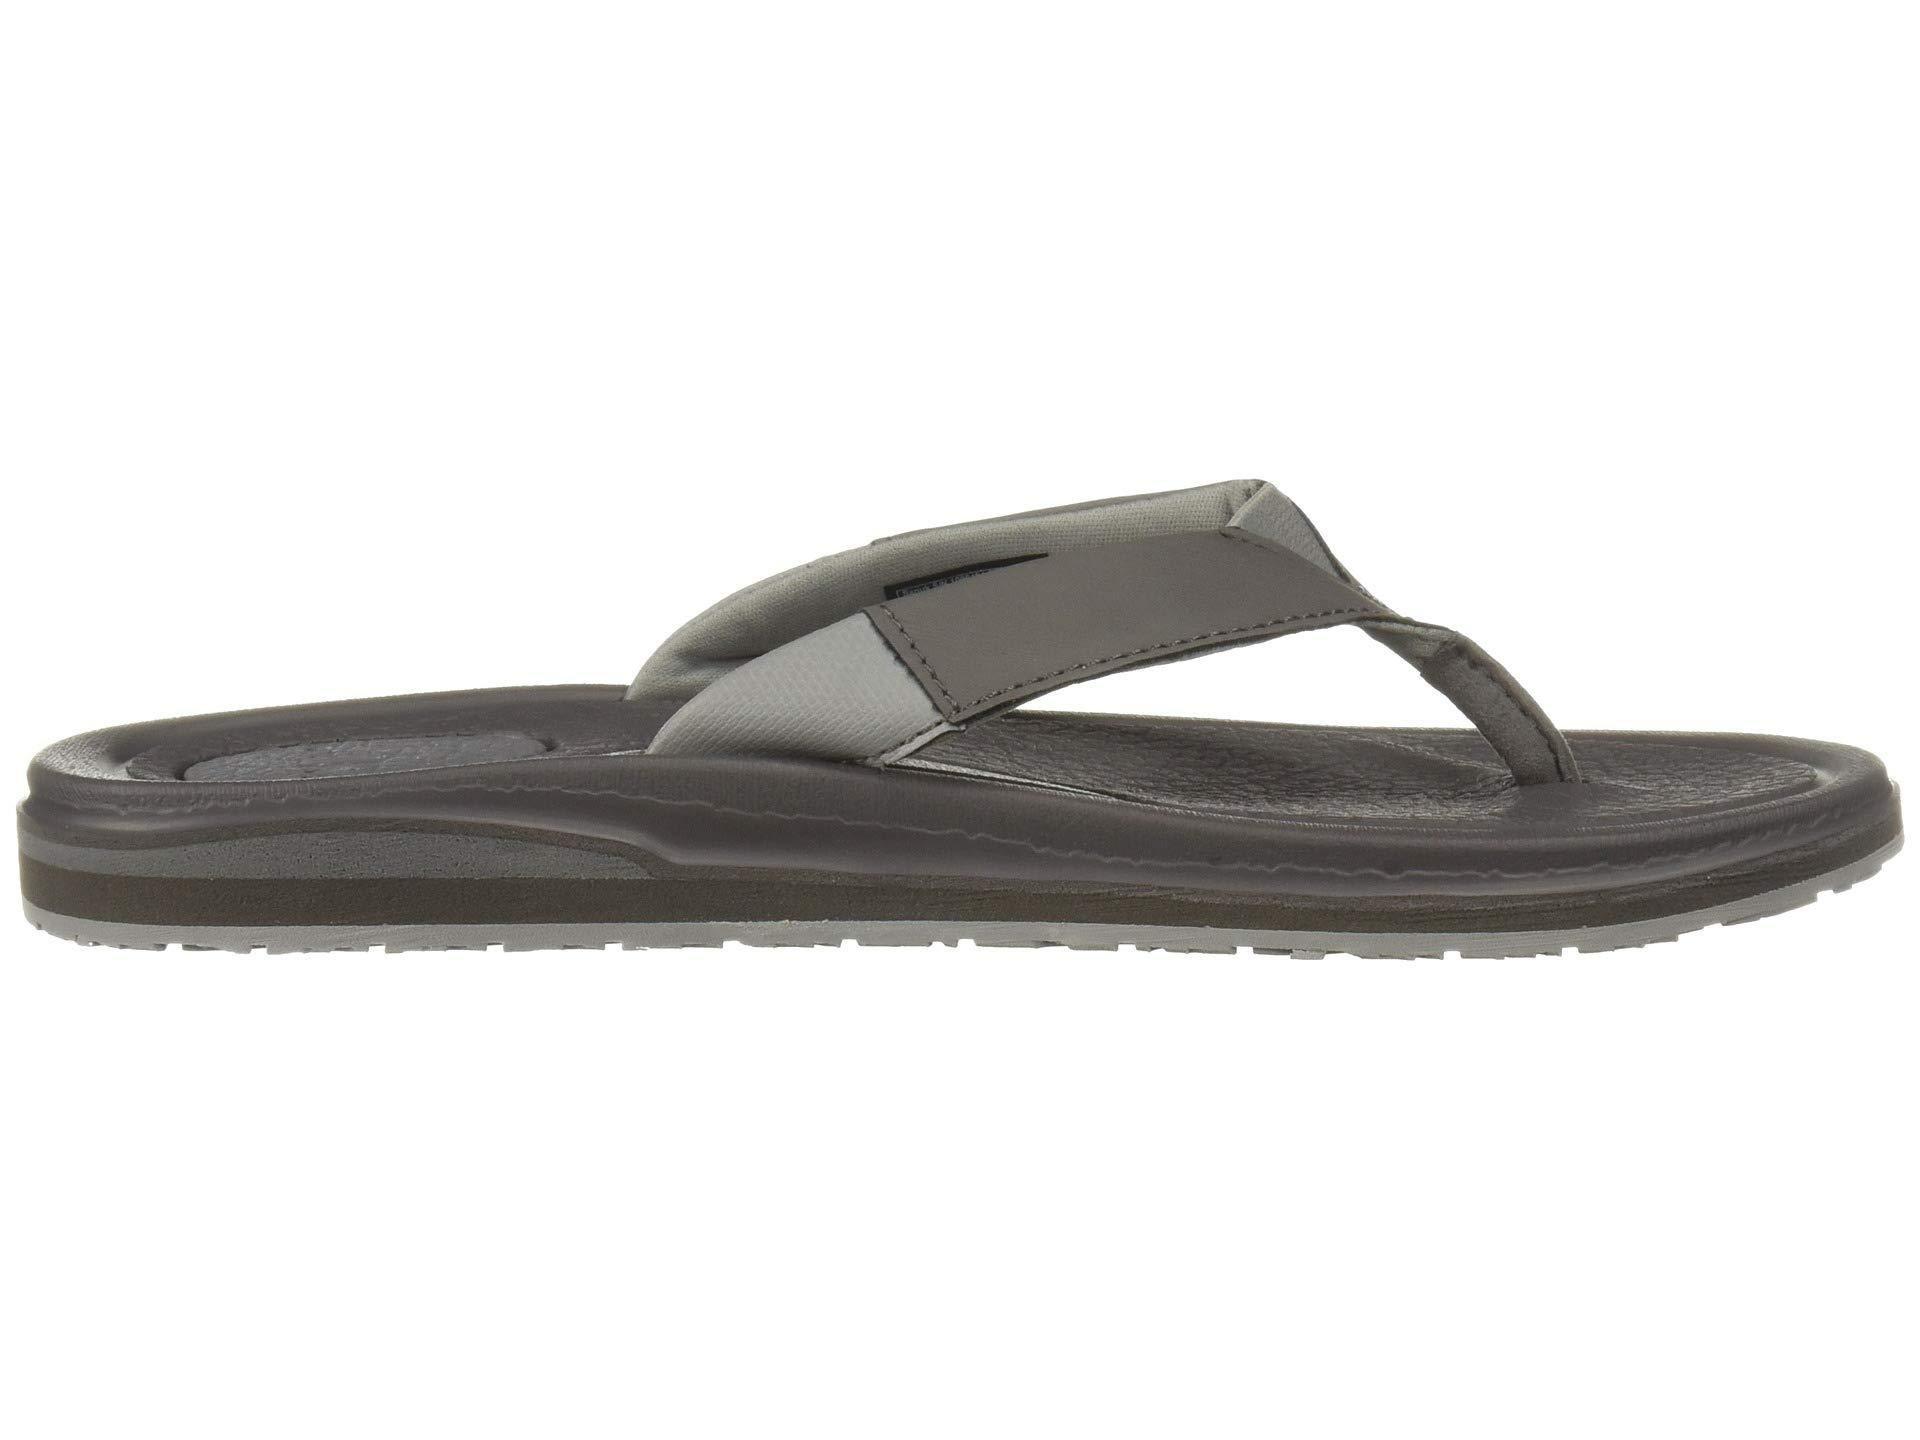 Sanuk Yoga Mat 3 Sandal